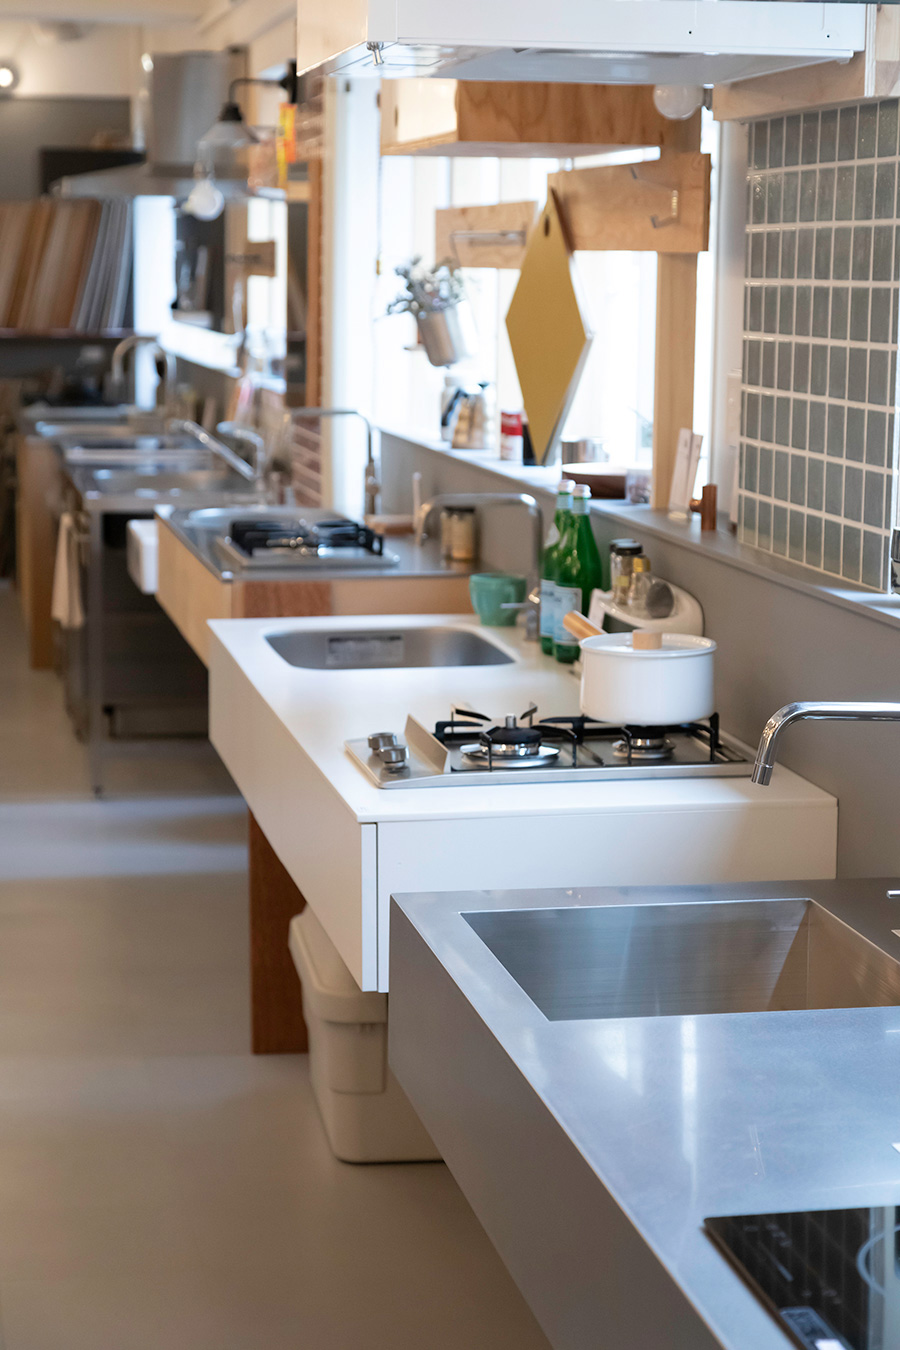 壁際にズラリと並んだキッチン。高さが微妙に違うのがわかるだろうか。作業しやすい高さを確認しながら、お気に入りのキッチンを探せるというナイスアイディア。